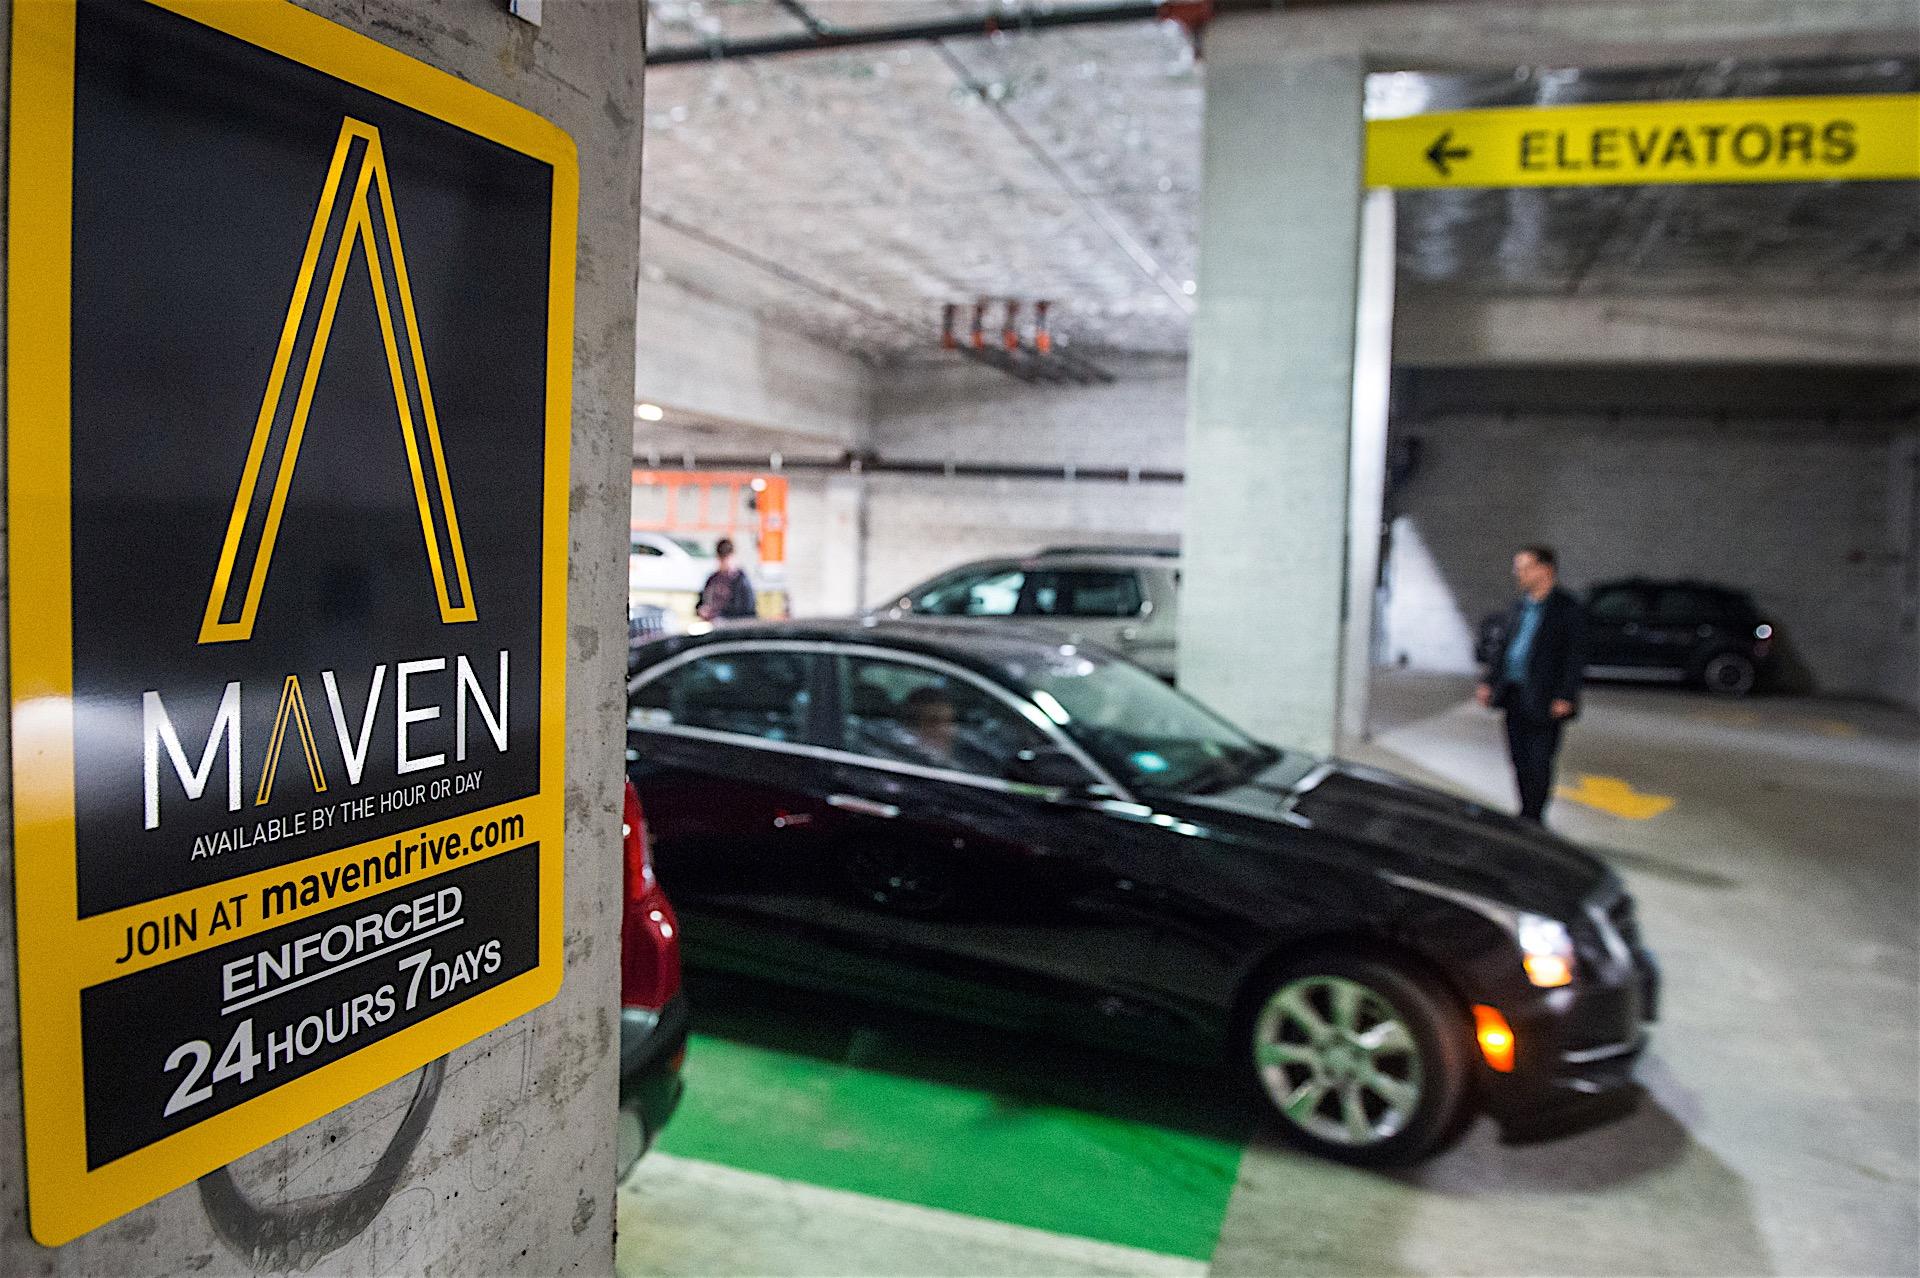 General Motors Maven